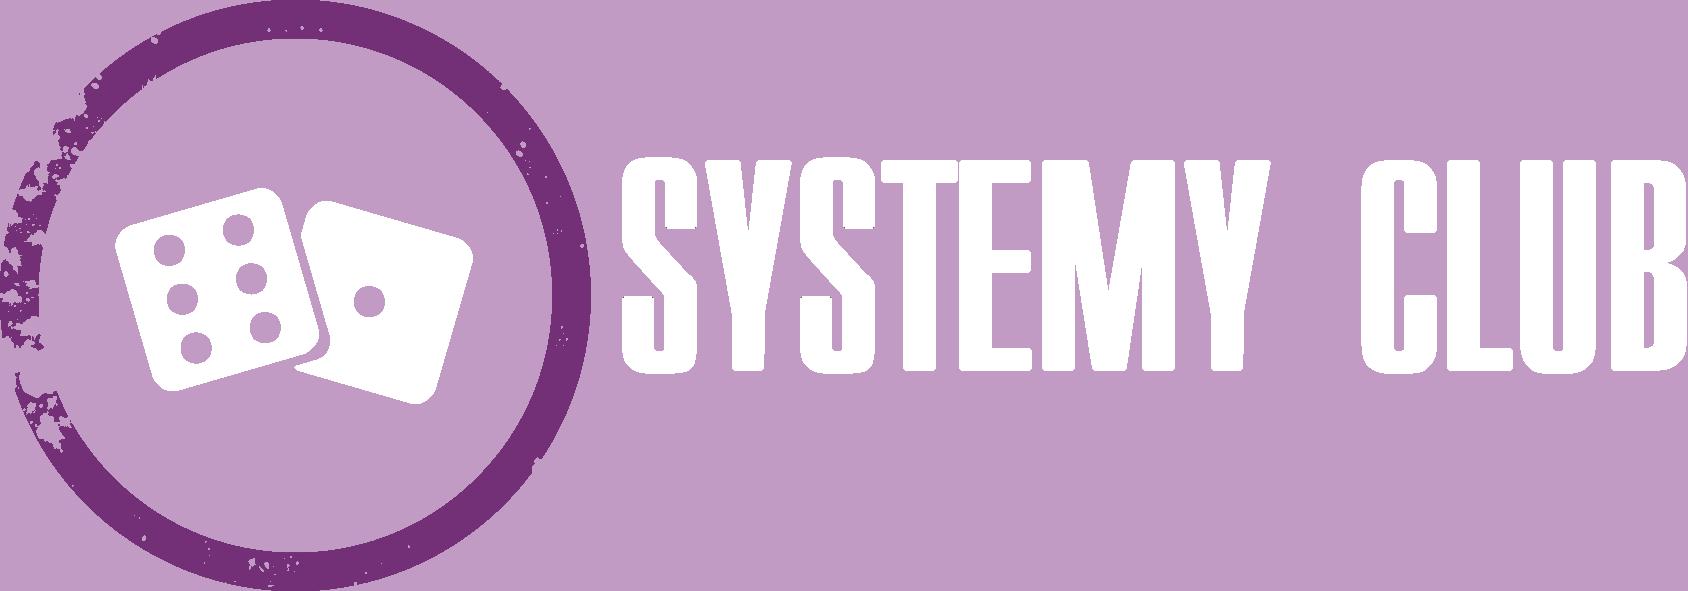 SYSTEM-CLUB